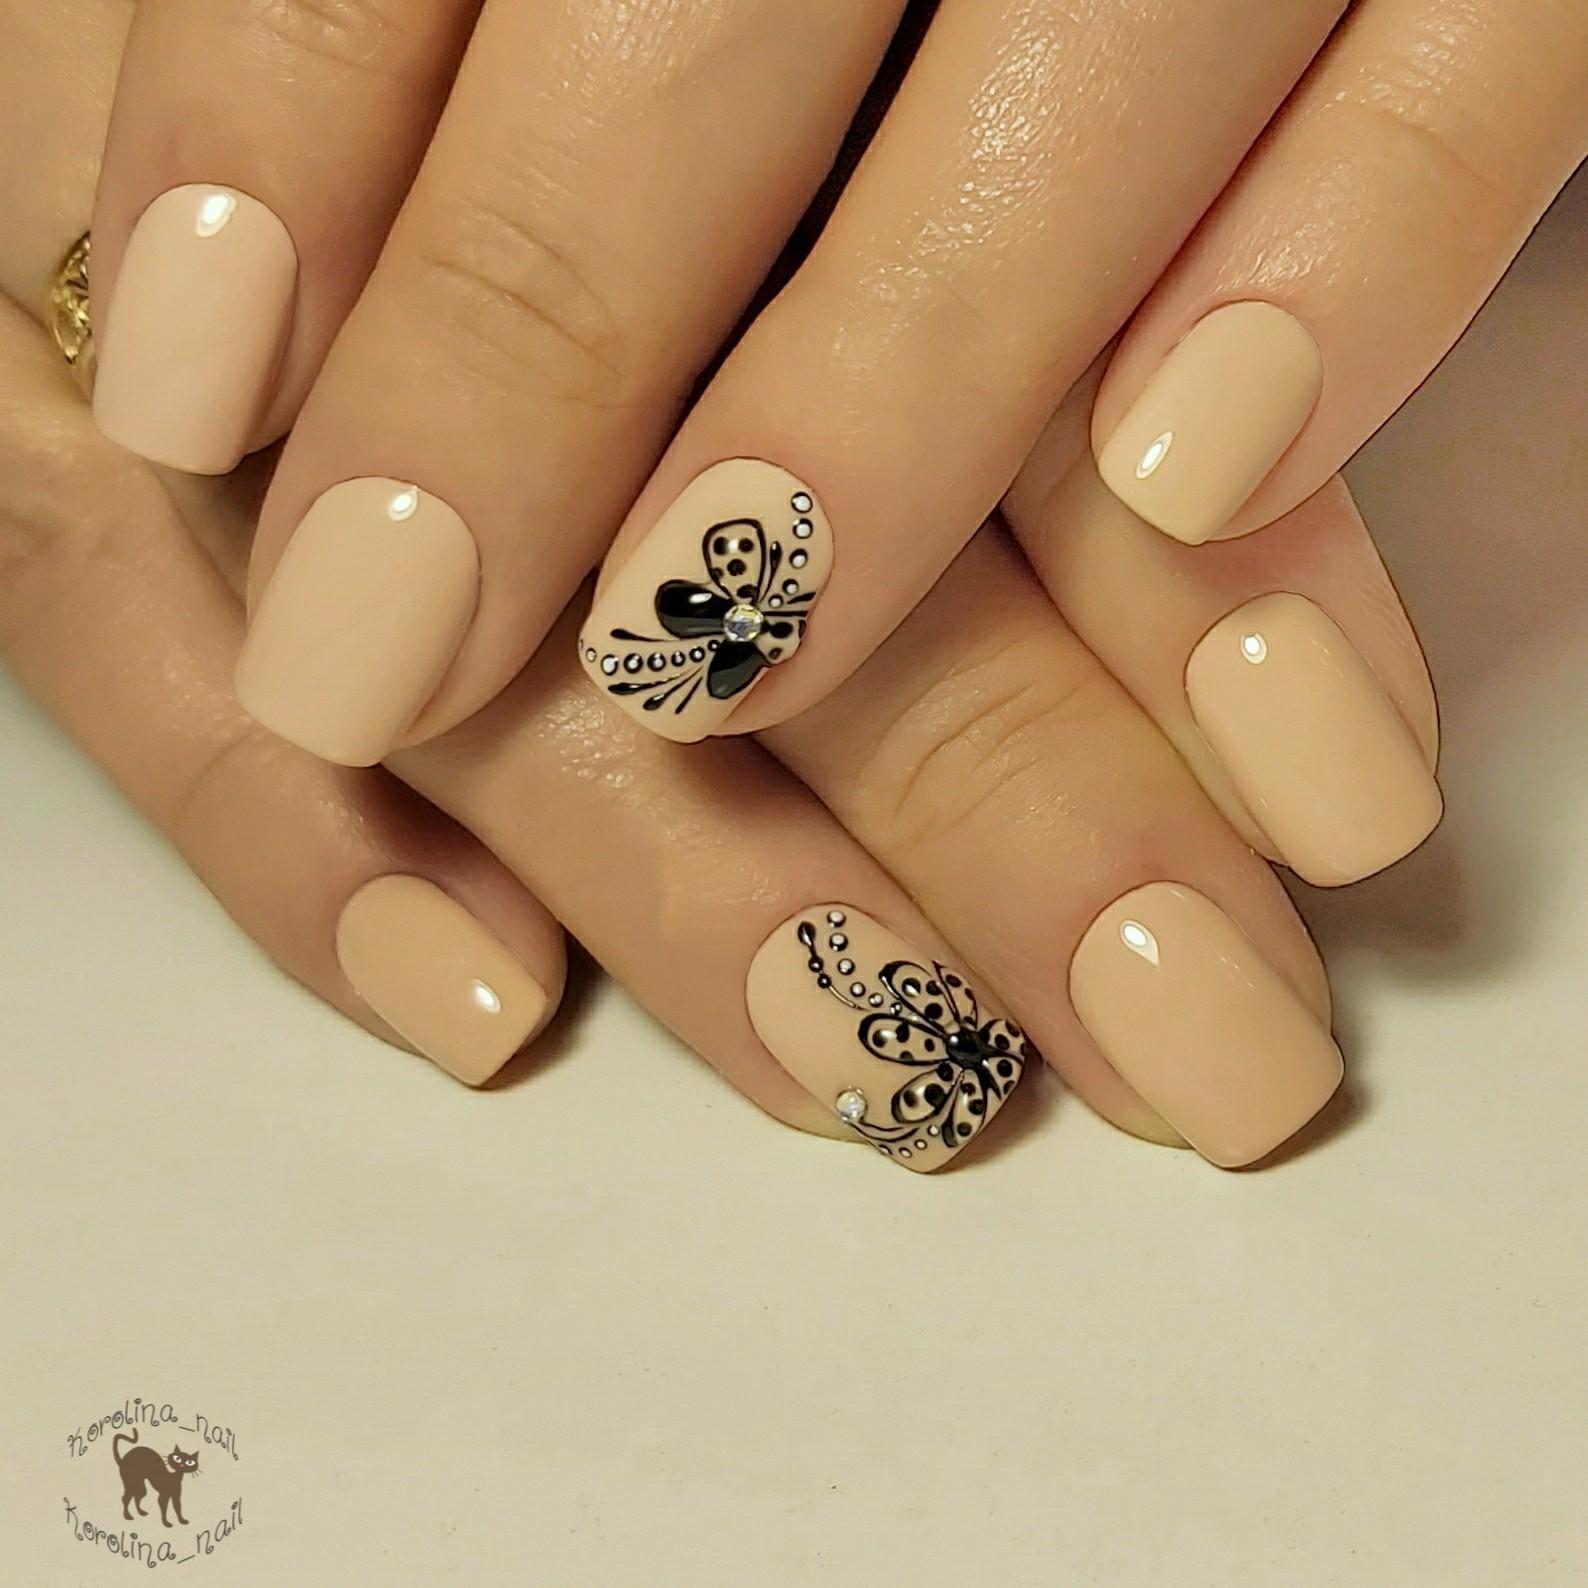 Маникюр с цветочным рисунком в бежевом цвете на короткие ногти.